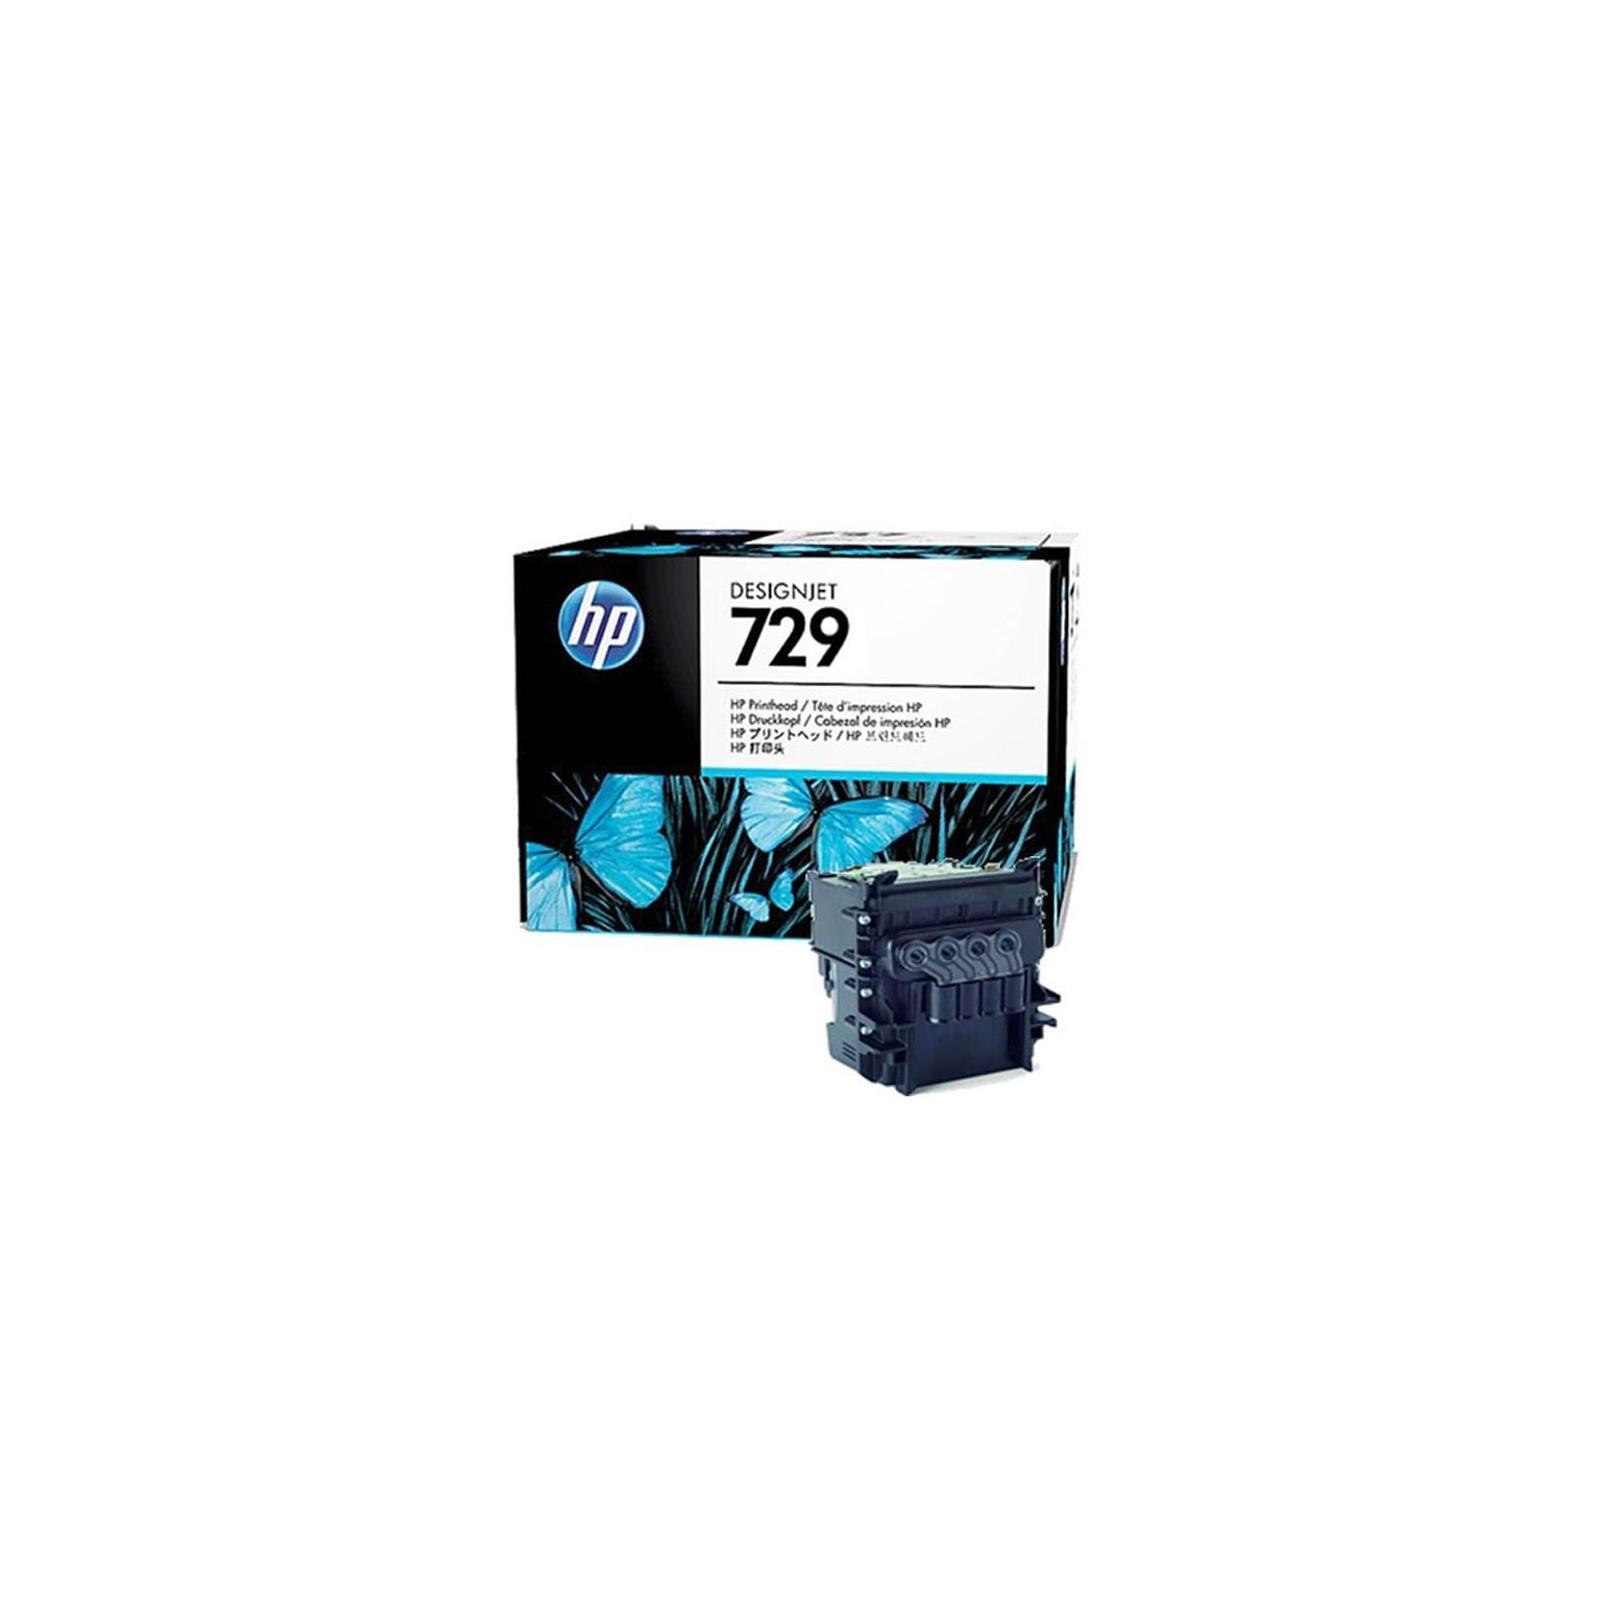 Печатающая головка HP No.729 DesignJet (F9J81A) изображение 2